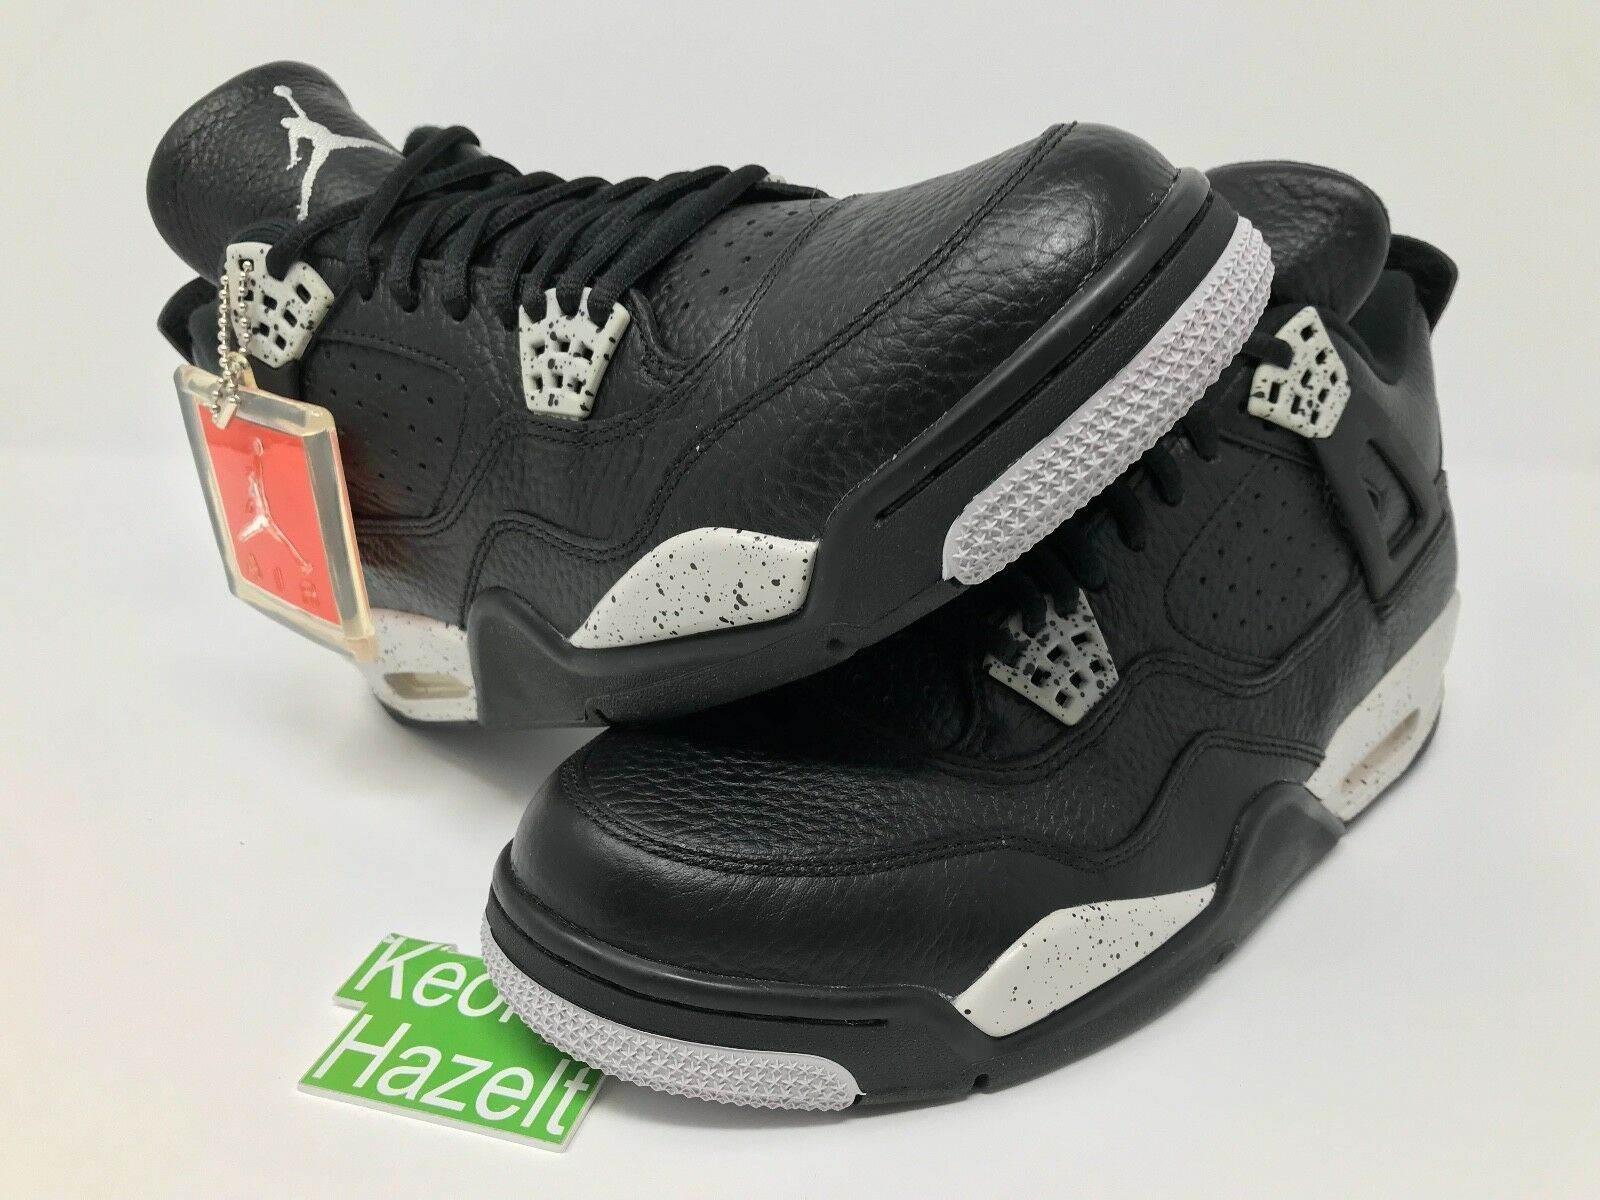 Nike air jordan 4 iv retrò e oreo tech grey allevati gamma paura pack - sz